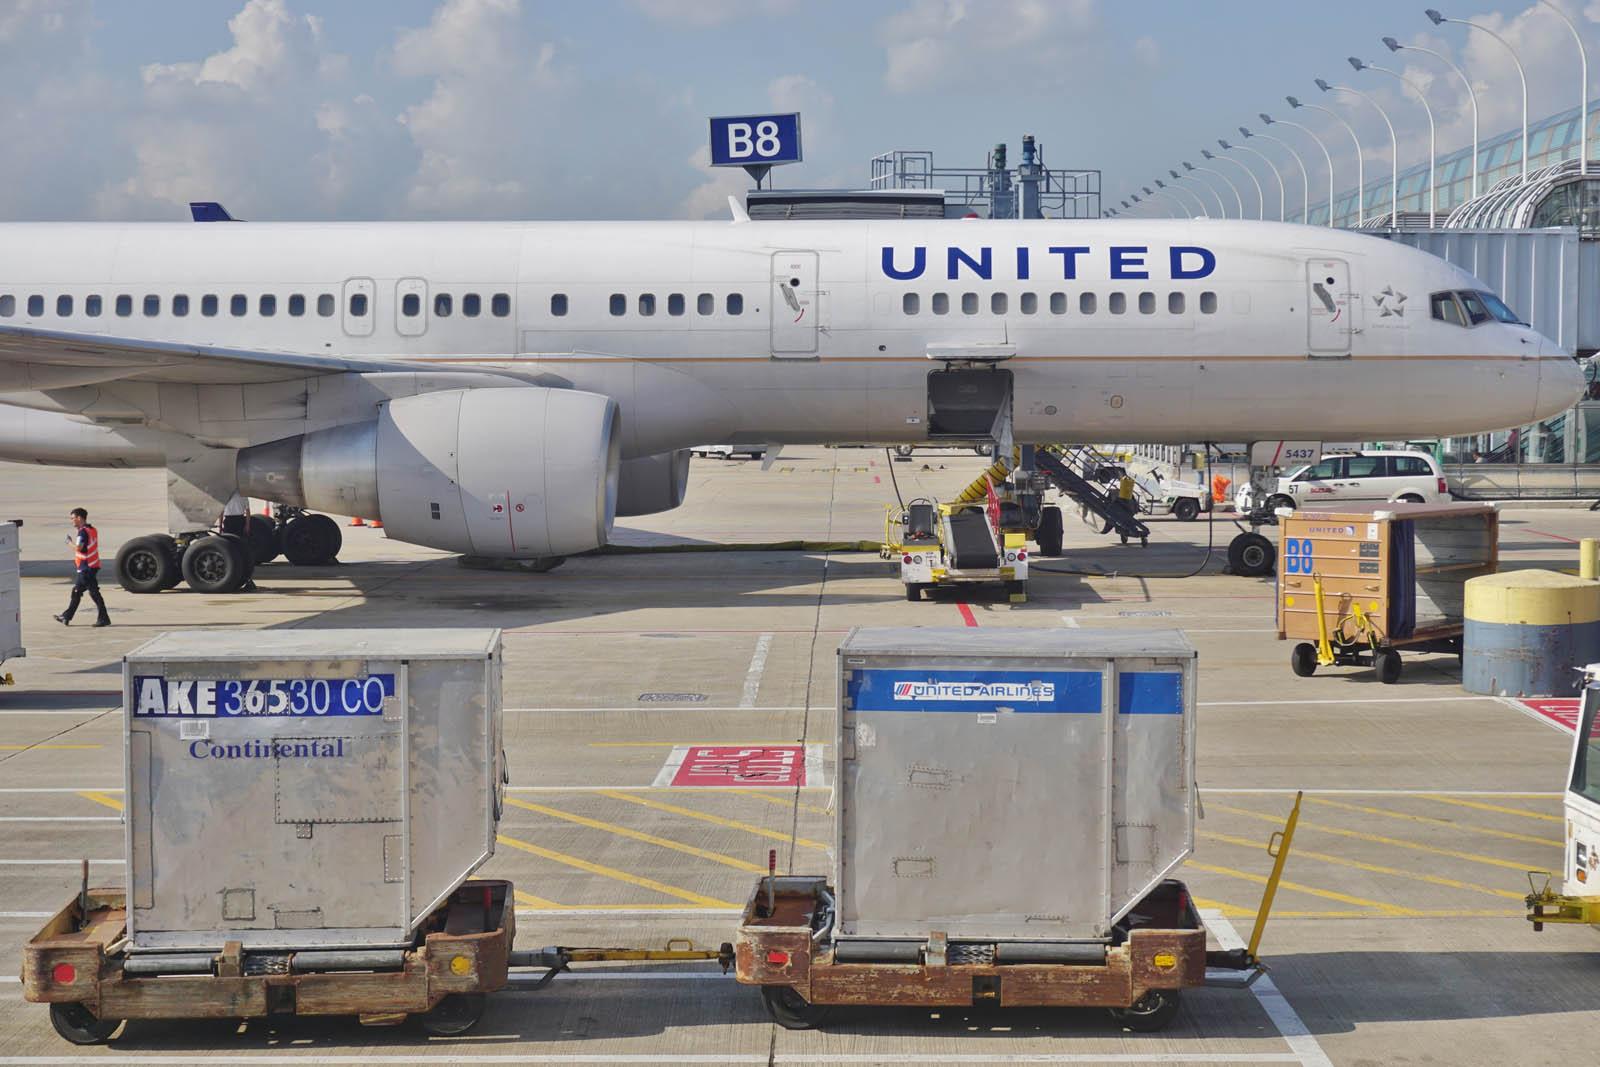 United Airlines Bike Fees are no more – další letecká společnost, kde kola létají levněji